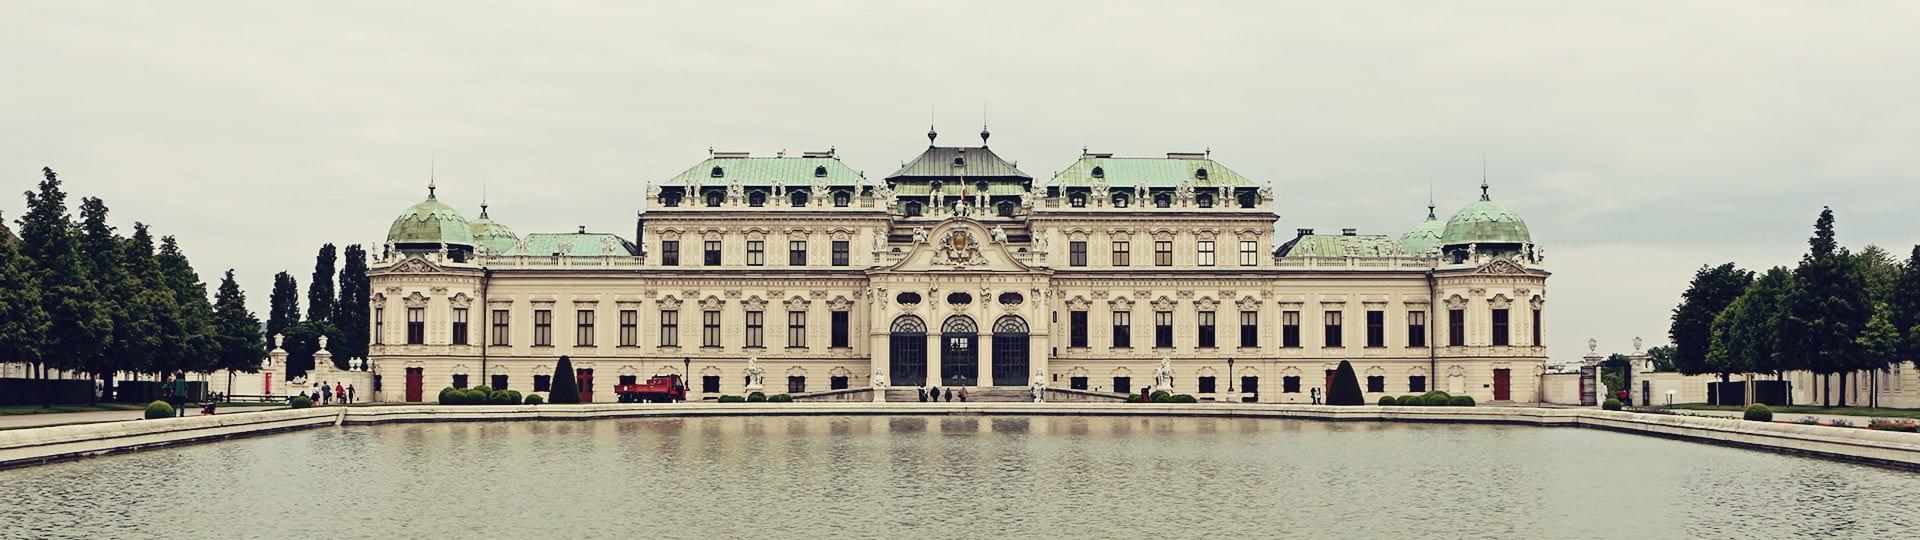 Palácio Belvedere em Viena - O Beijo de Klimt - 03